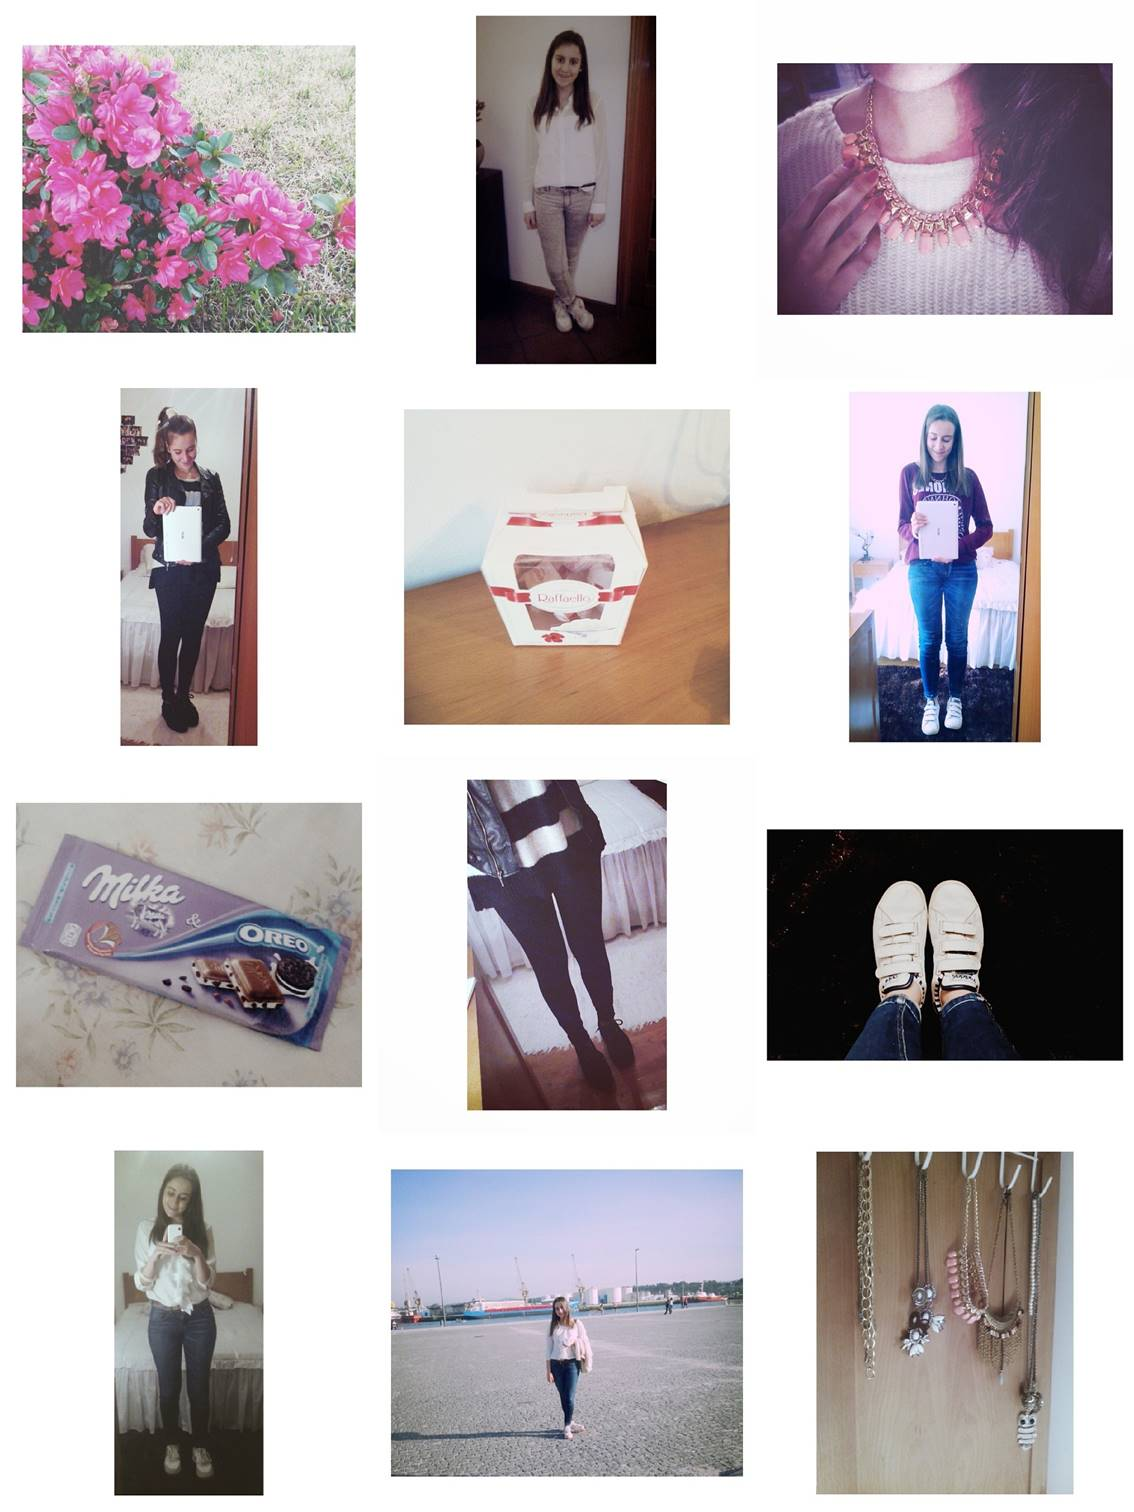 #9 my days through instagram